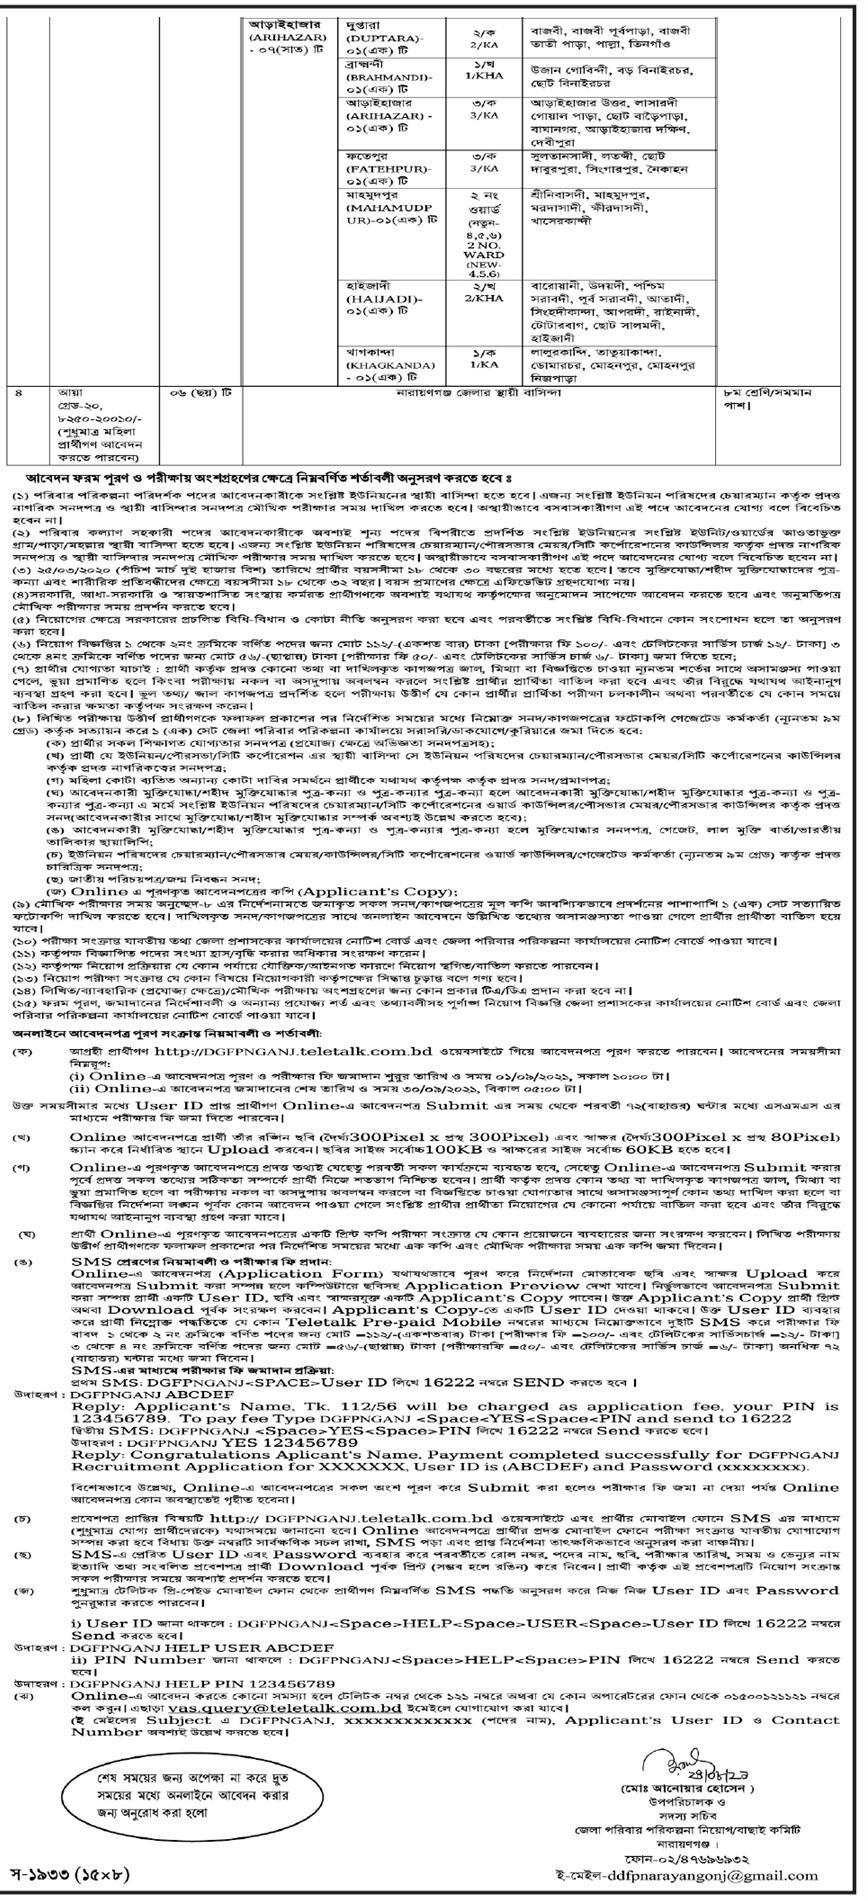 জালকুড়ি, নারায়ণগঞ্জ জেলা পরিবার পরিকল্পনা নিয়োগ বিজ্ঞপ্তি ২০২১ - Jalkuri, Narayanganj District poribar porikolpona job circular 2021 - poribar porikolpona job circular 2021